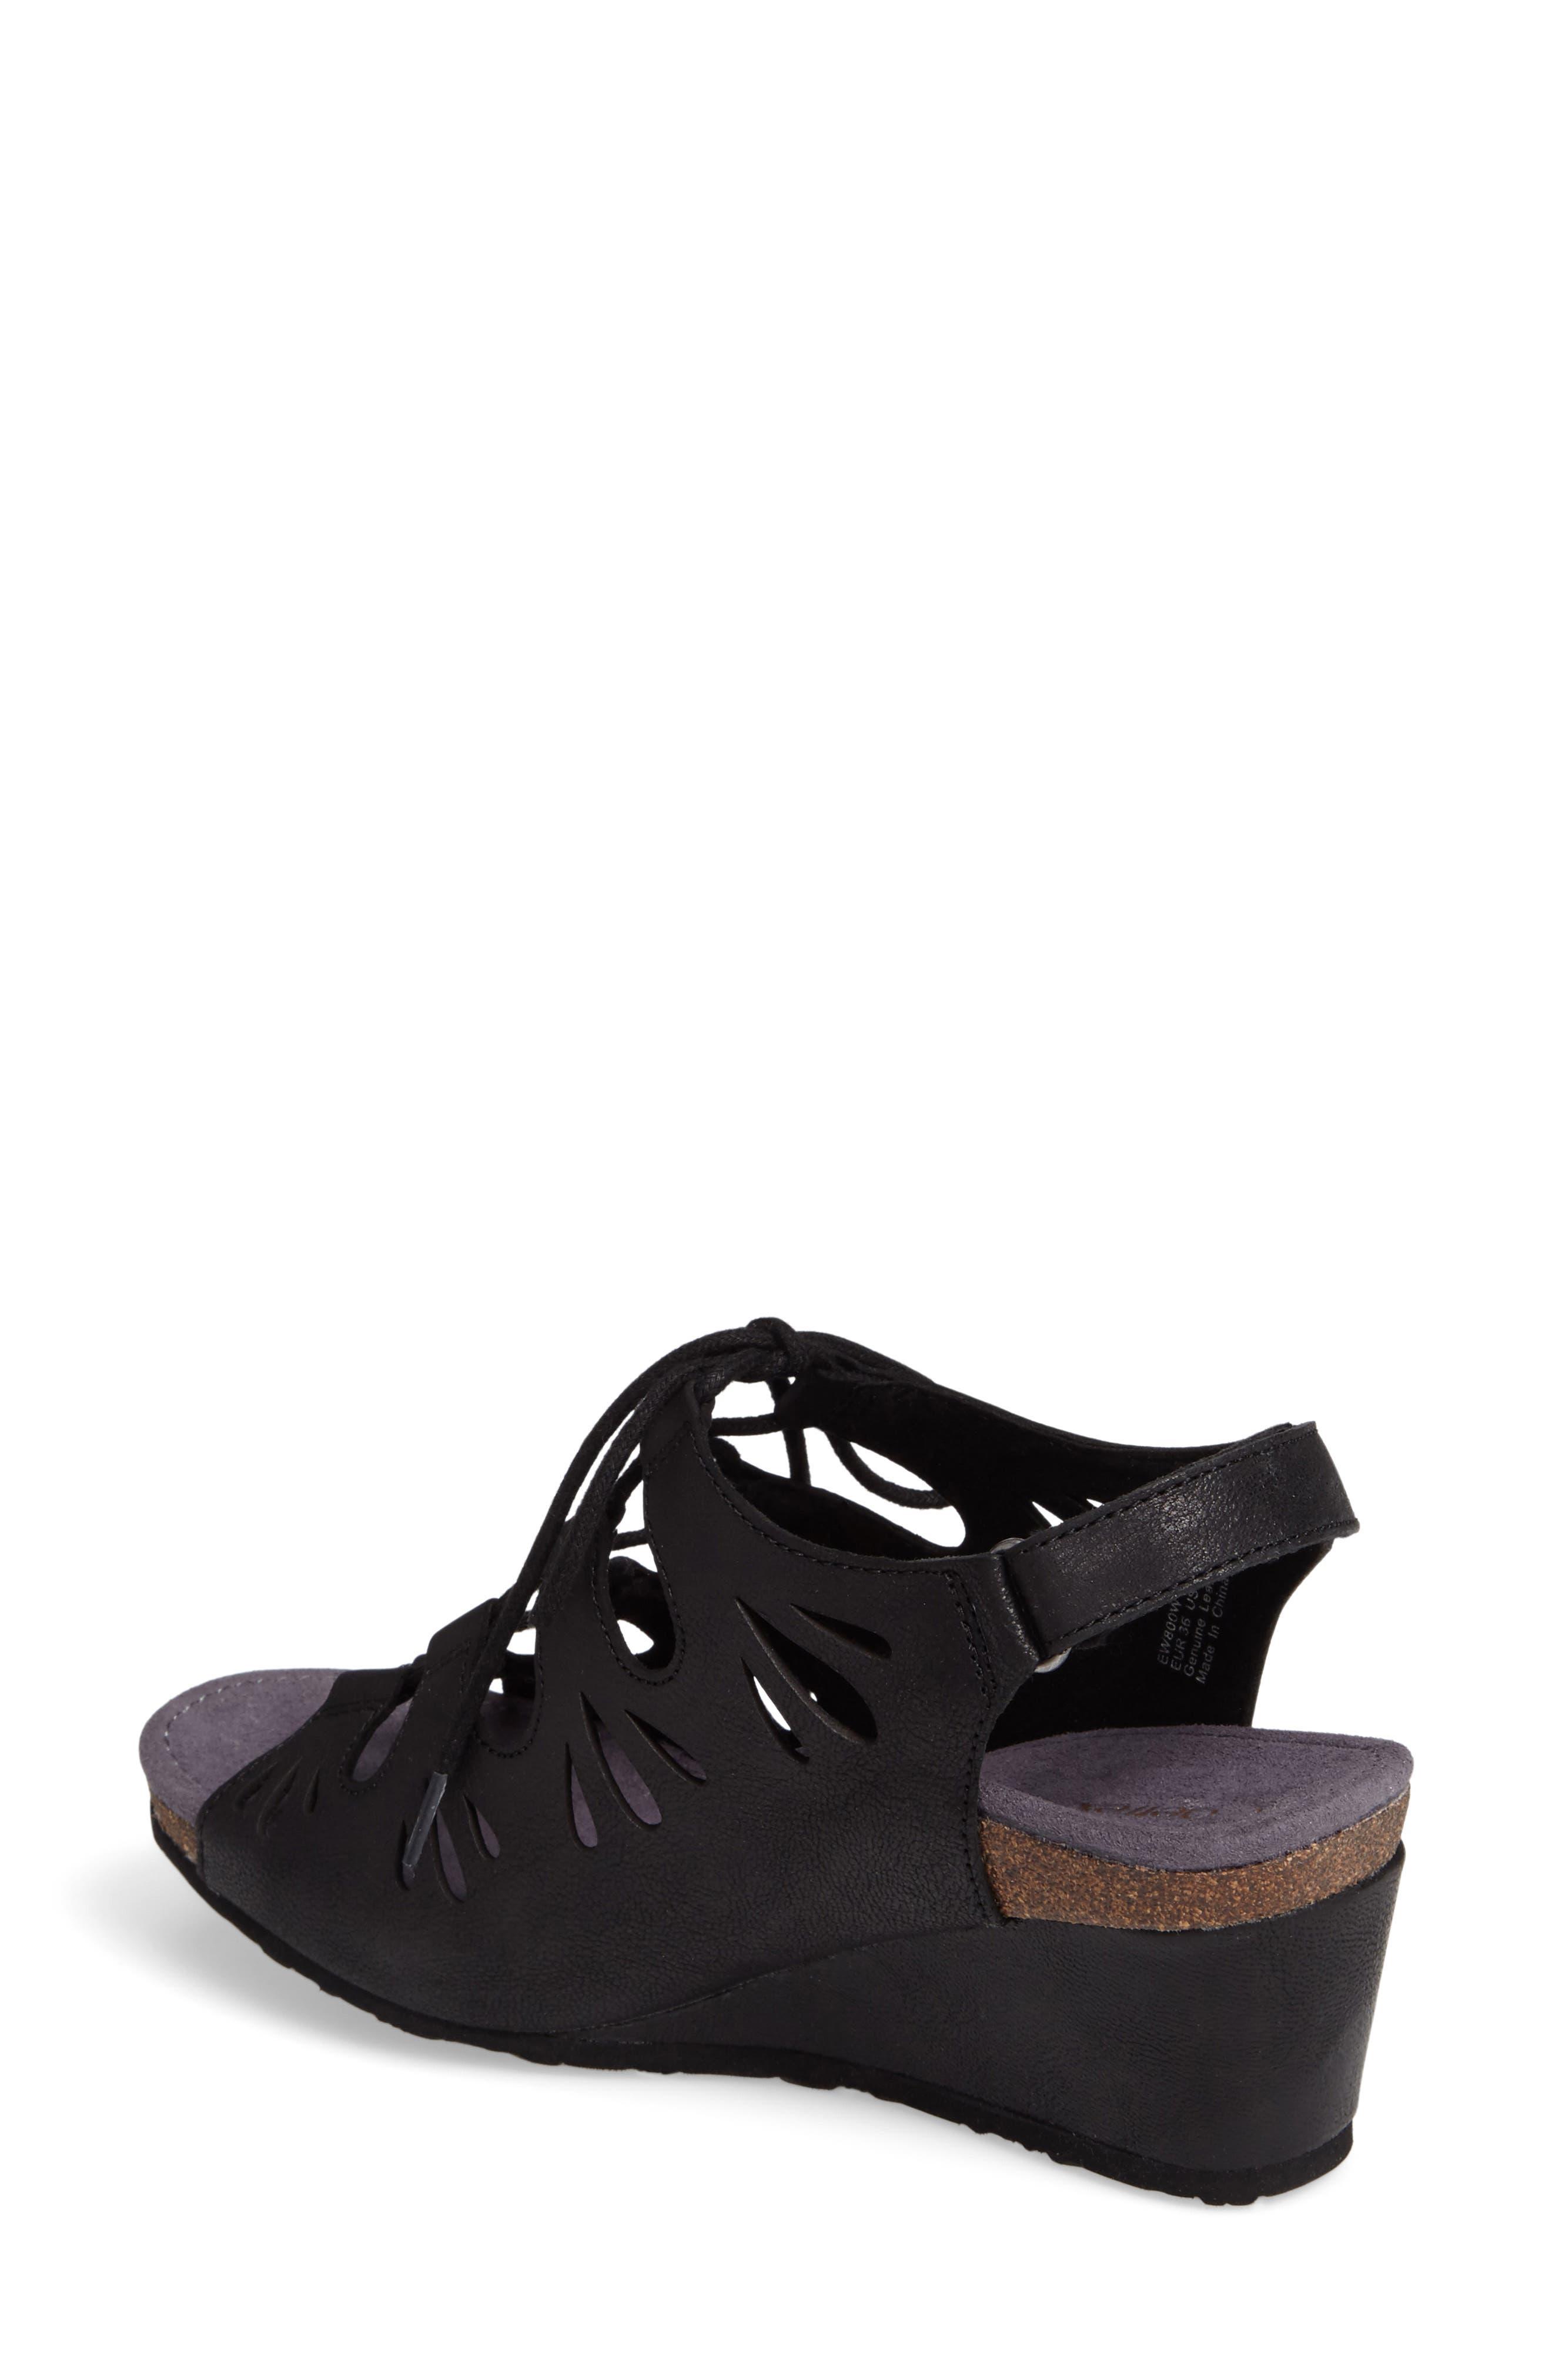 Giselle Slingback Wedge Sandal,                             Alternate thumbnail 2, color,                             001